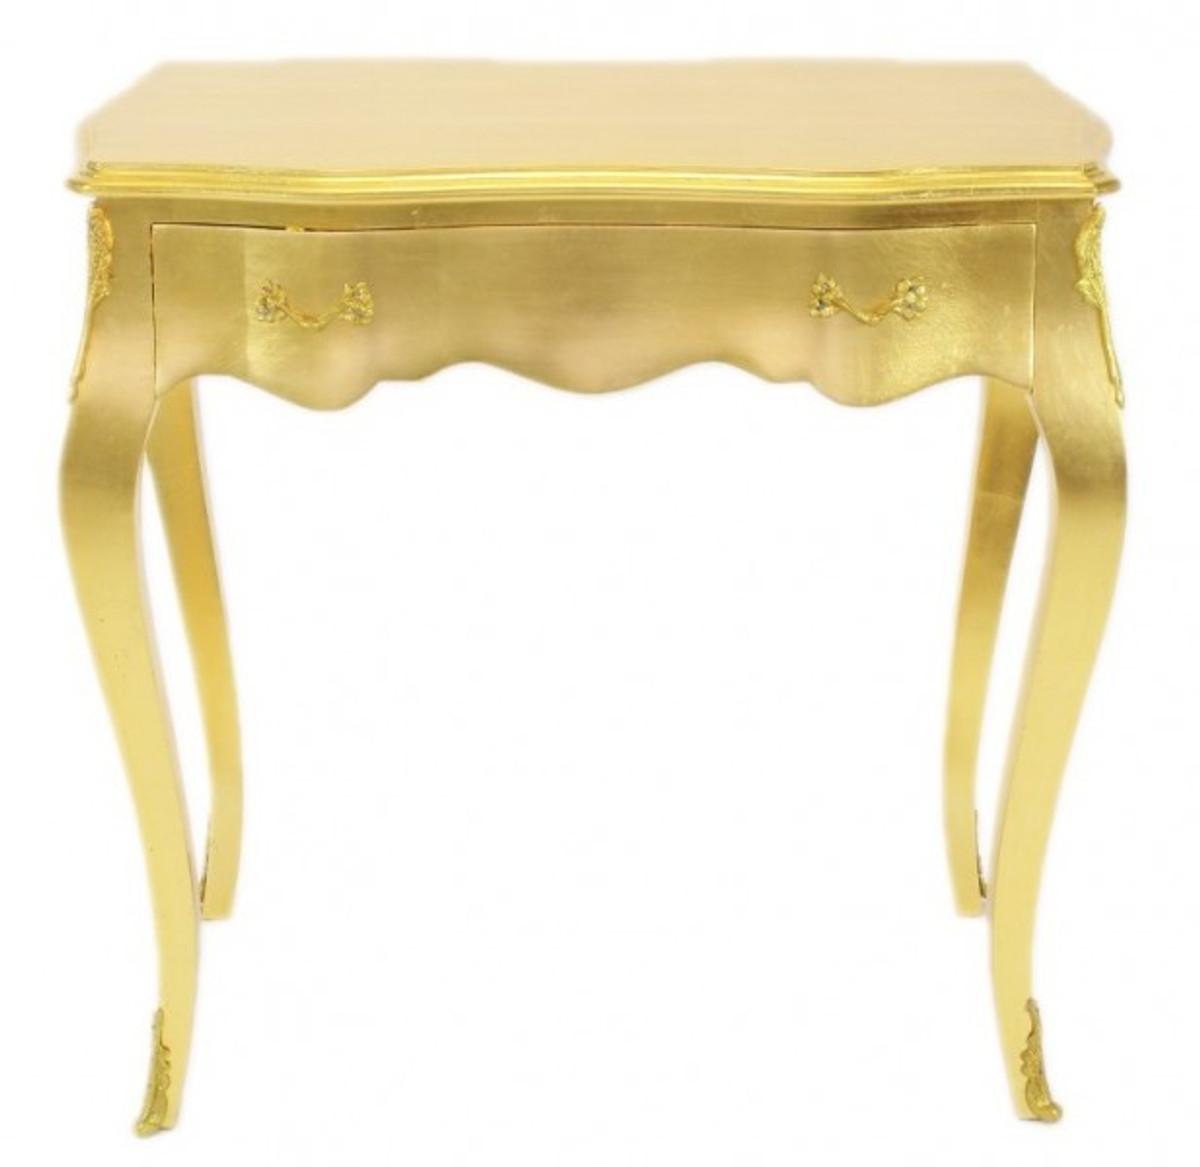 Casa Padrino Barock Konsolen Tisch Gold Mit Schublade 80 X 40 Cm